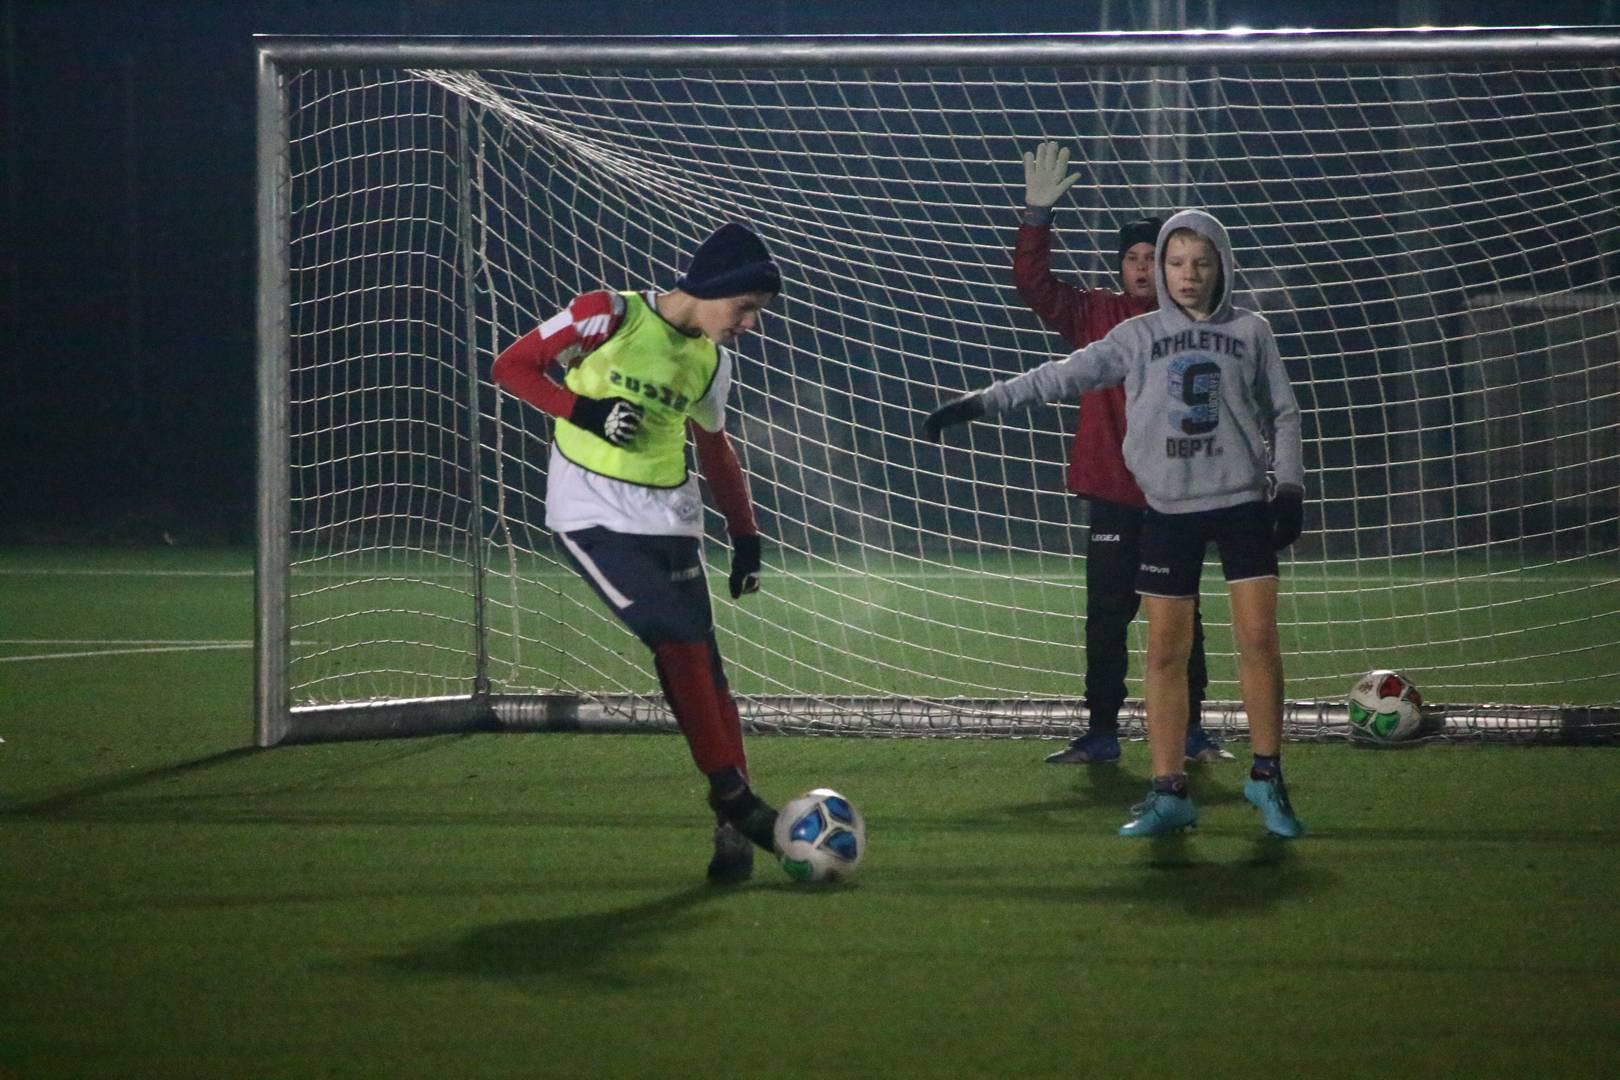 Ni niske temperature nisu spriječile mlade nogometaše da odrade trening